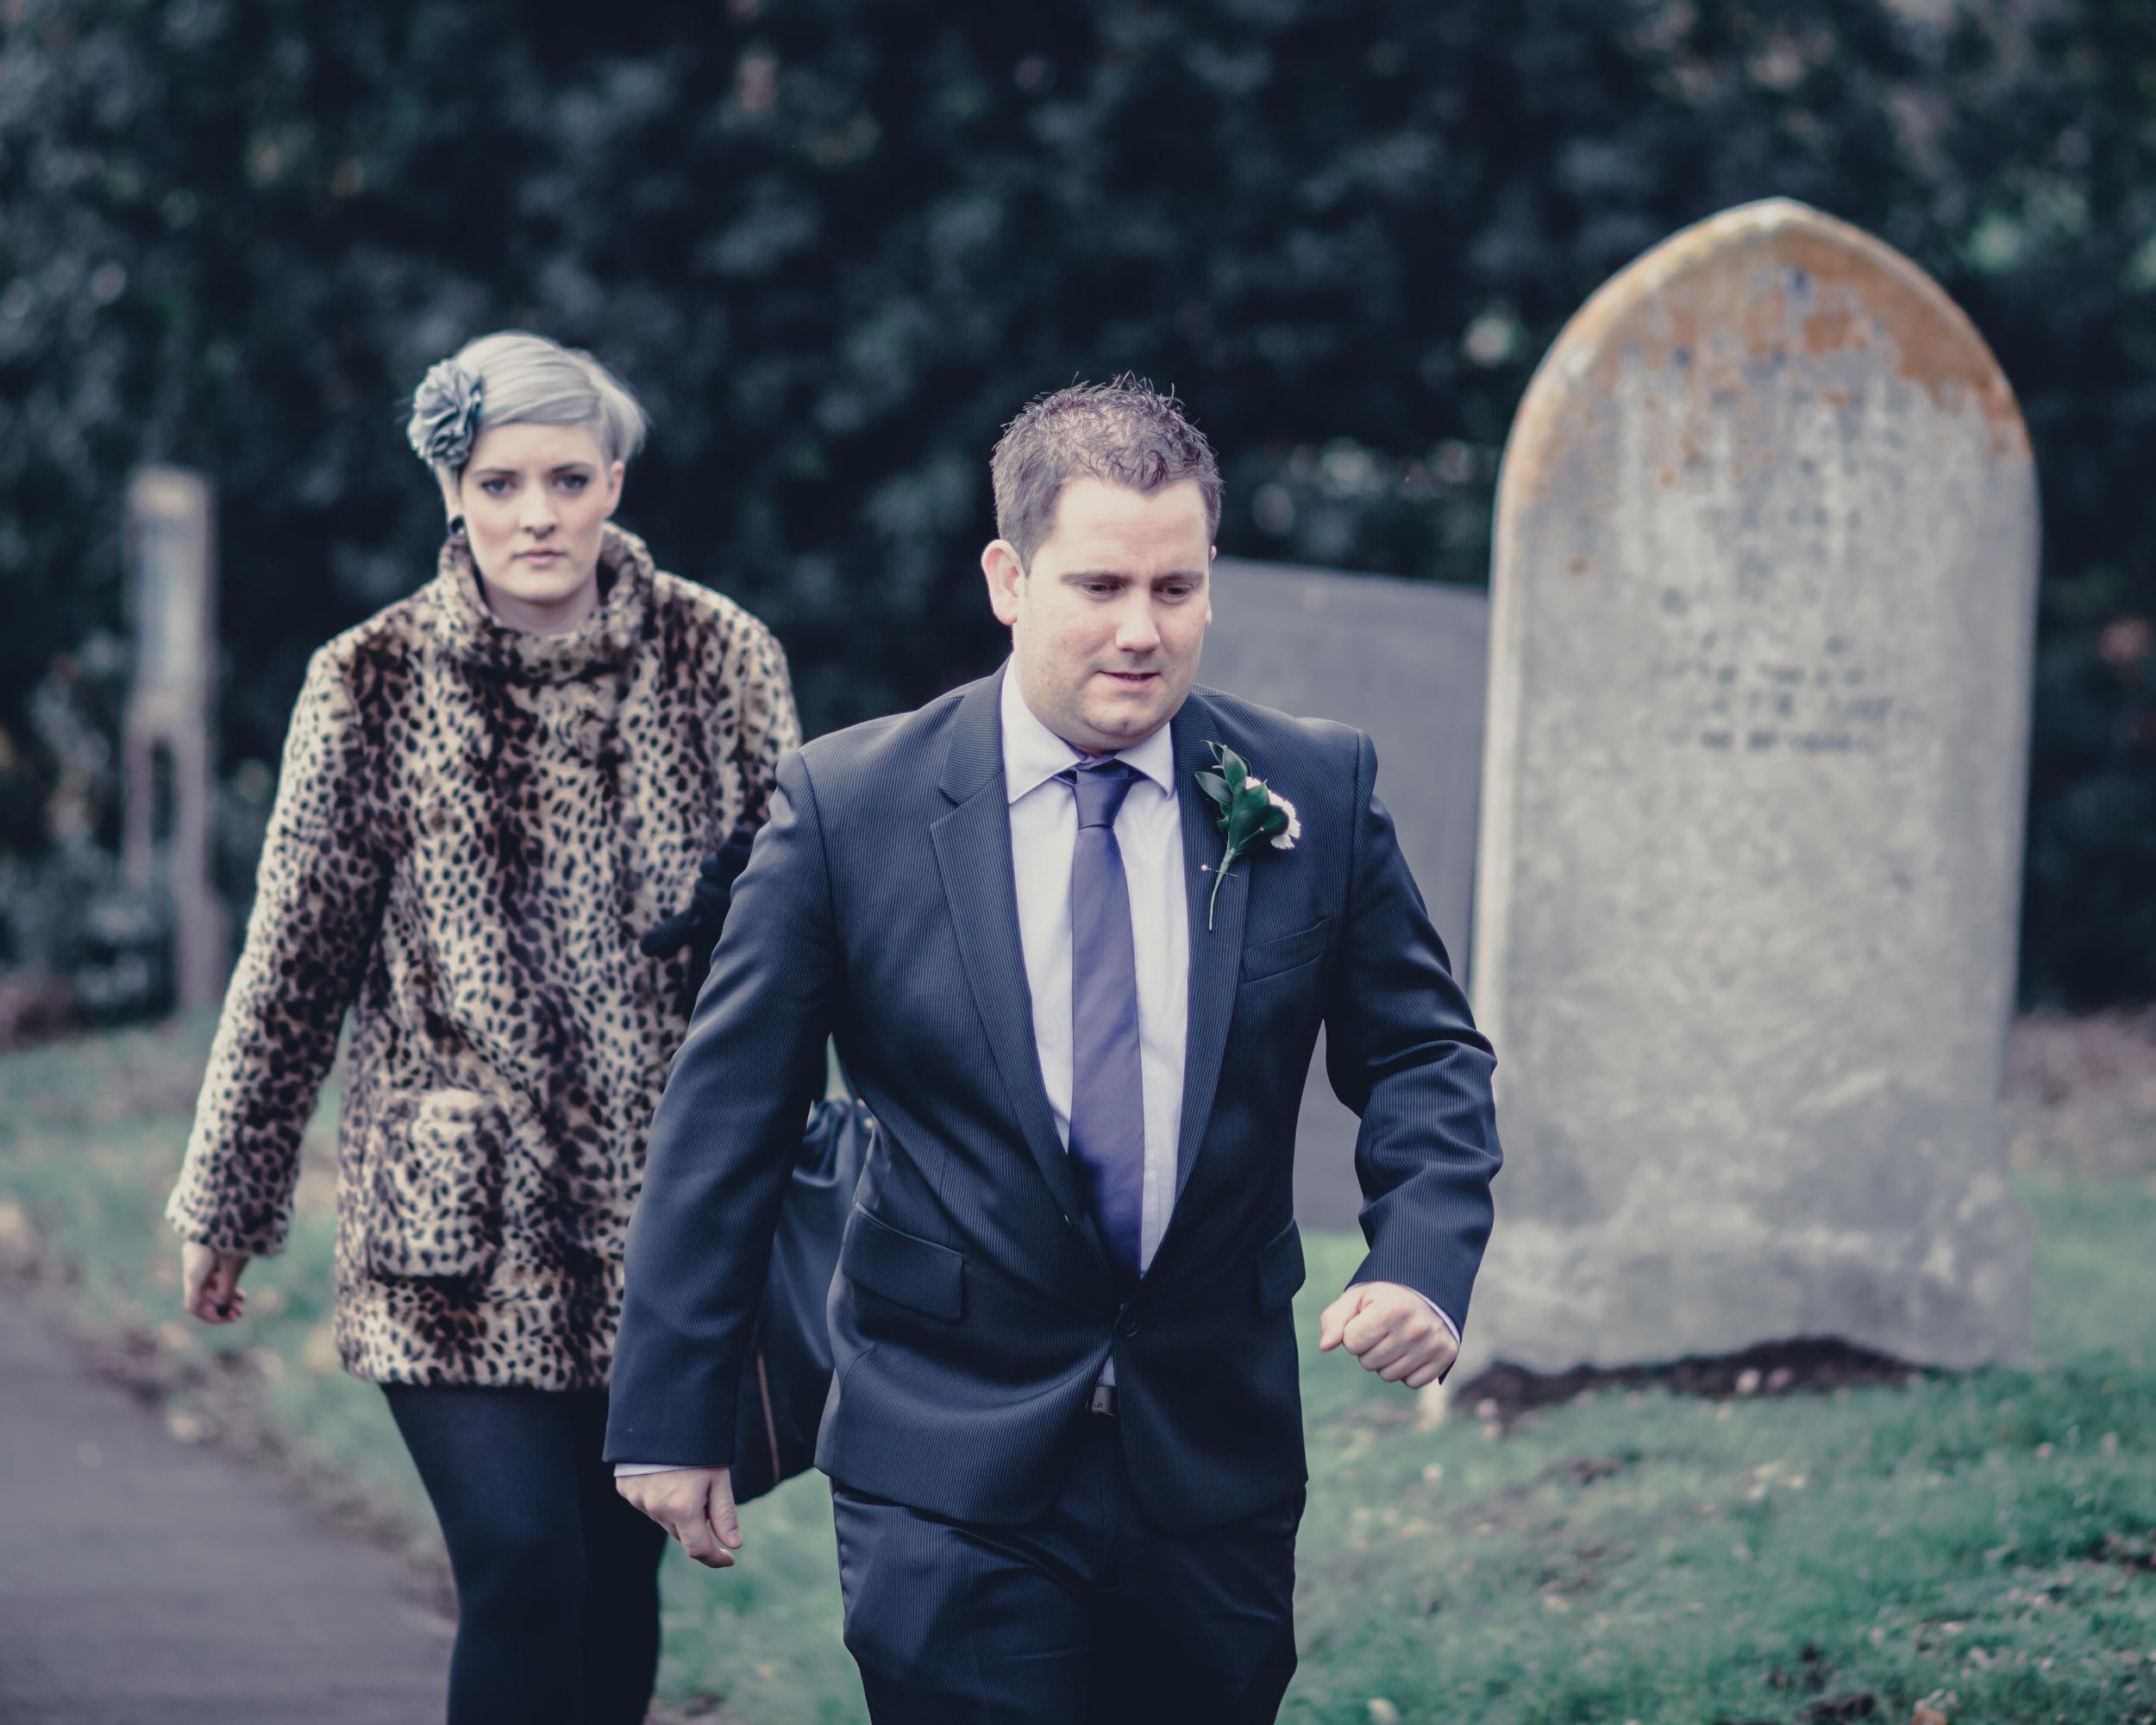 047 - Angela and Karls Wedding by www.markpugh.com -5799.jpg